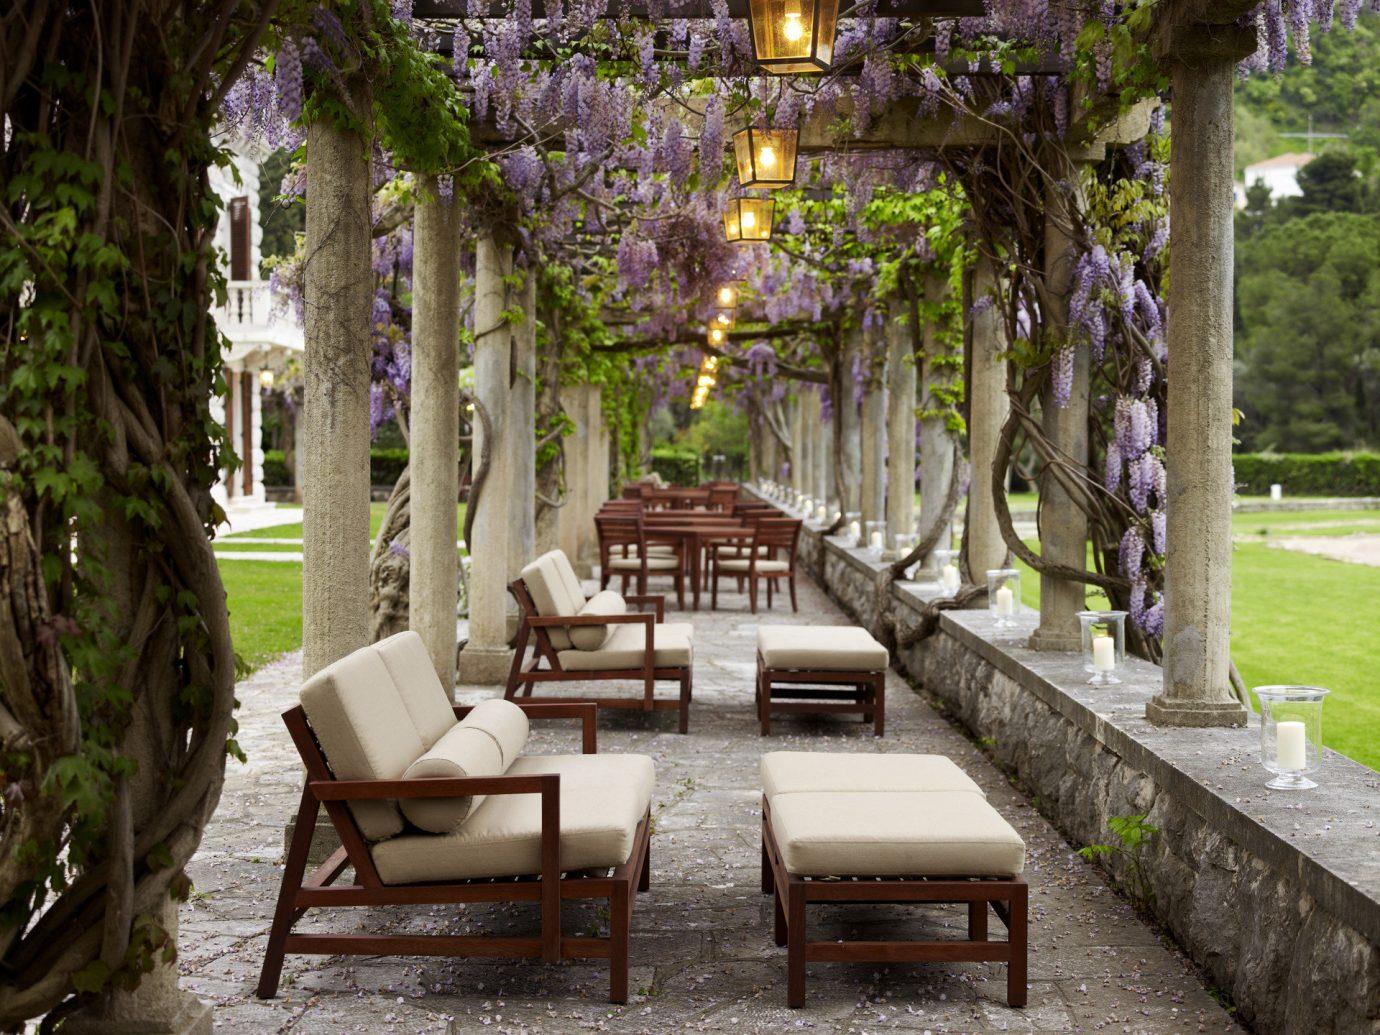 Trip Ideas tree outdoor estate park Courtyard backyard home mansion Garden flower Villa outdoor structure cottage yard hacienda Resort area